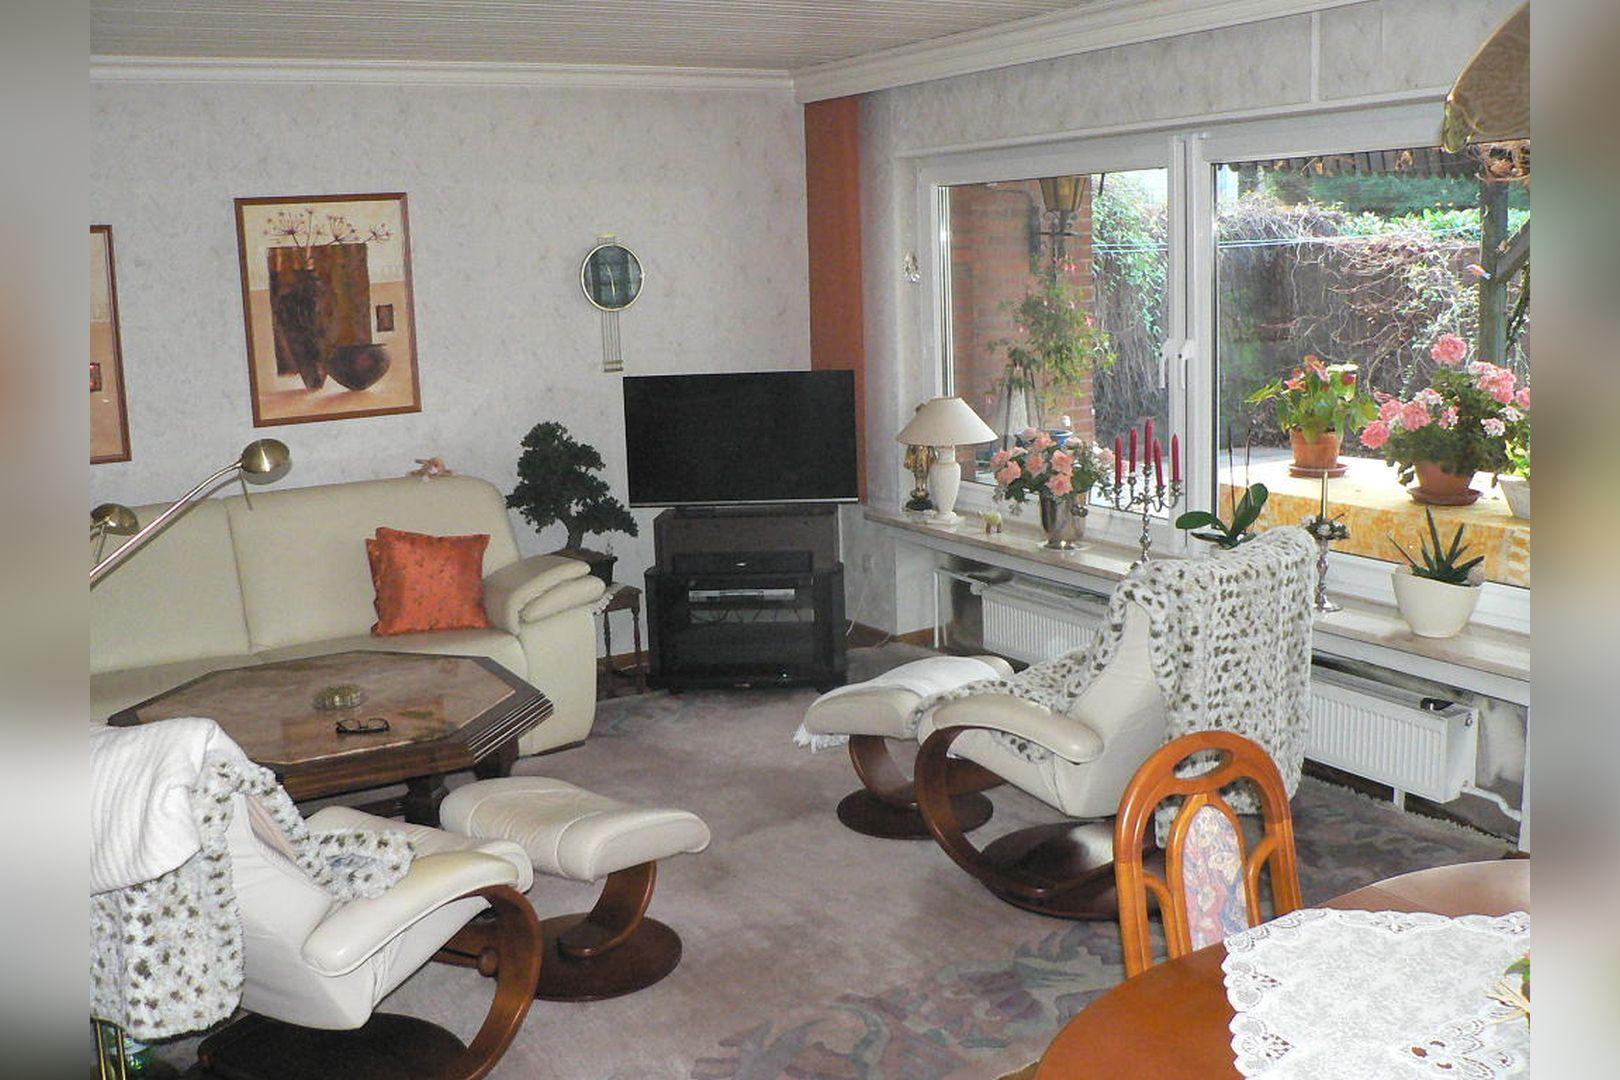 Immobilie Nr.0243 - Reihenendhaus 2-geschossig mit Vollkeller und Garage  - Bild 14.jpg